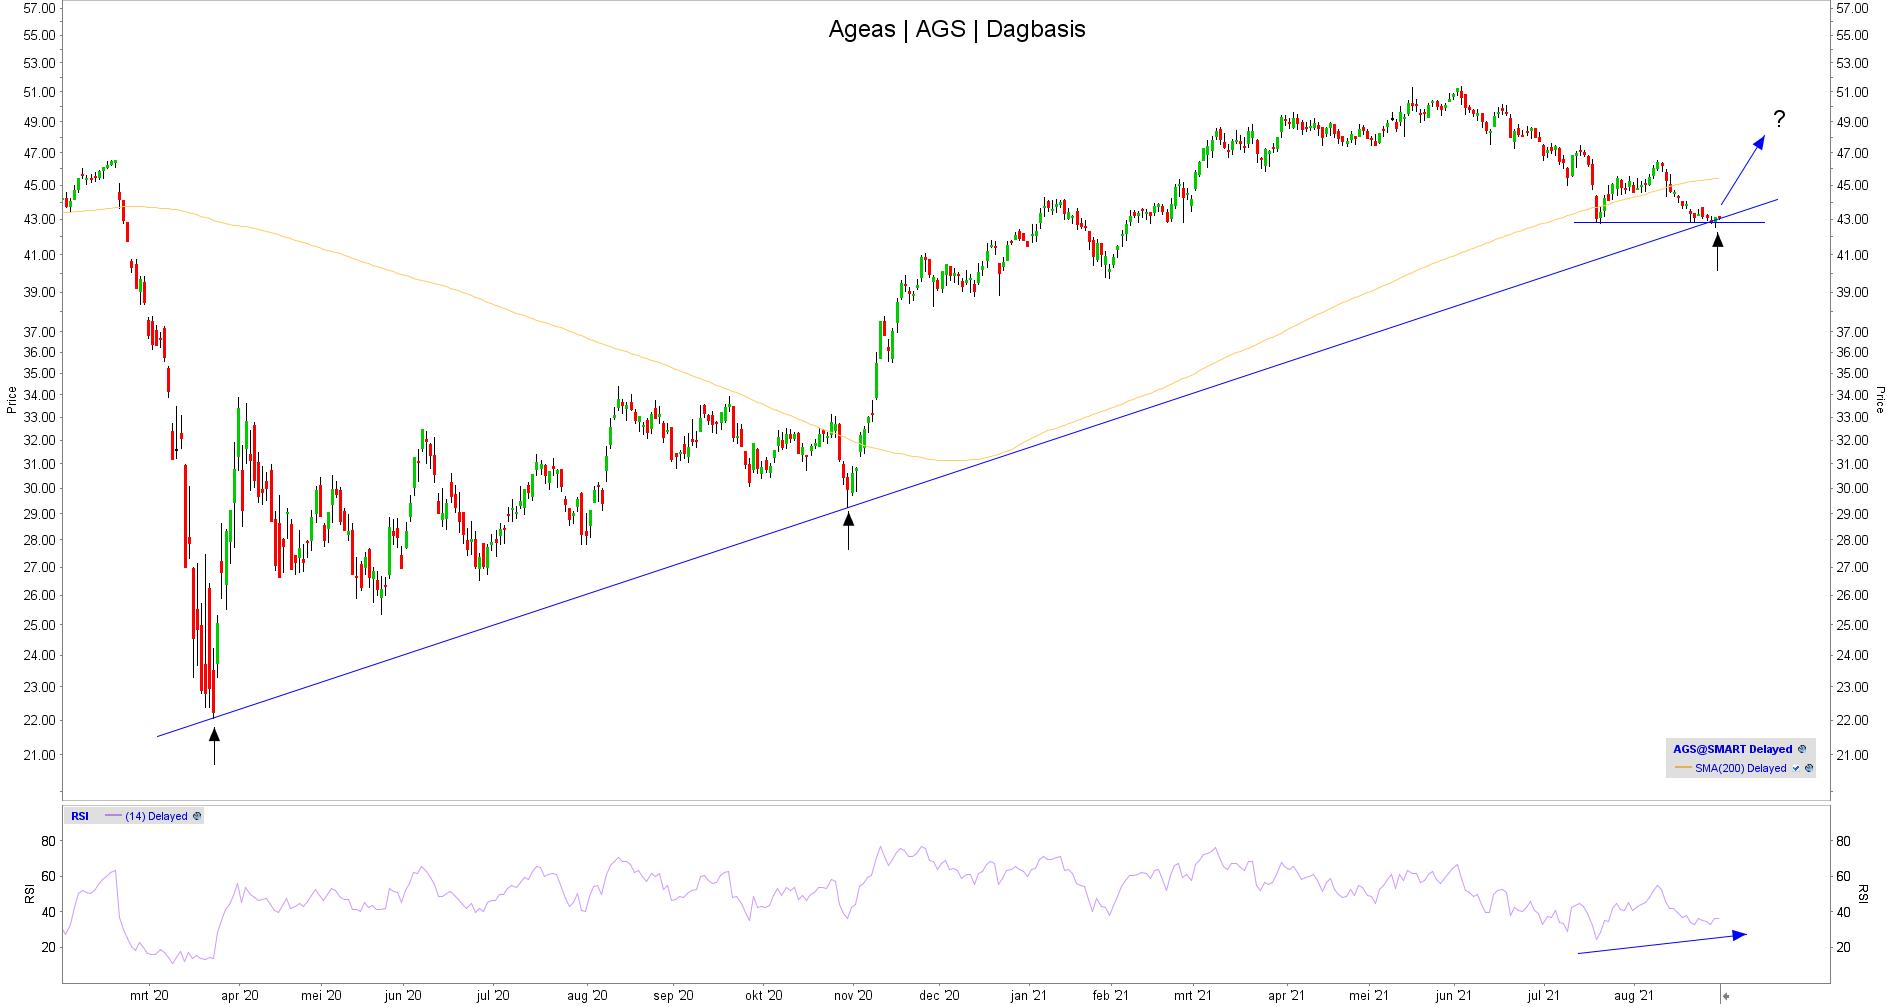 Aandeel Ageas: Technische analyse